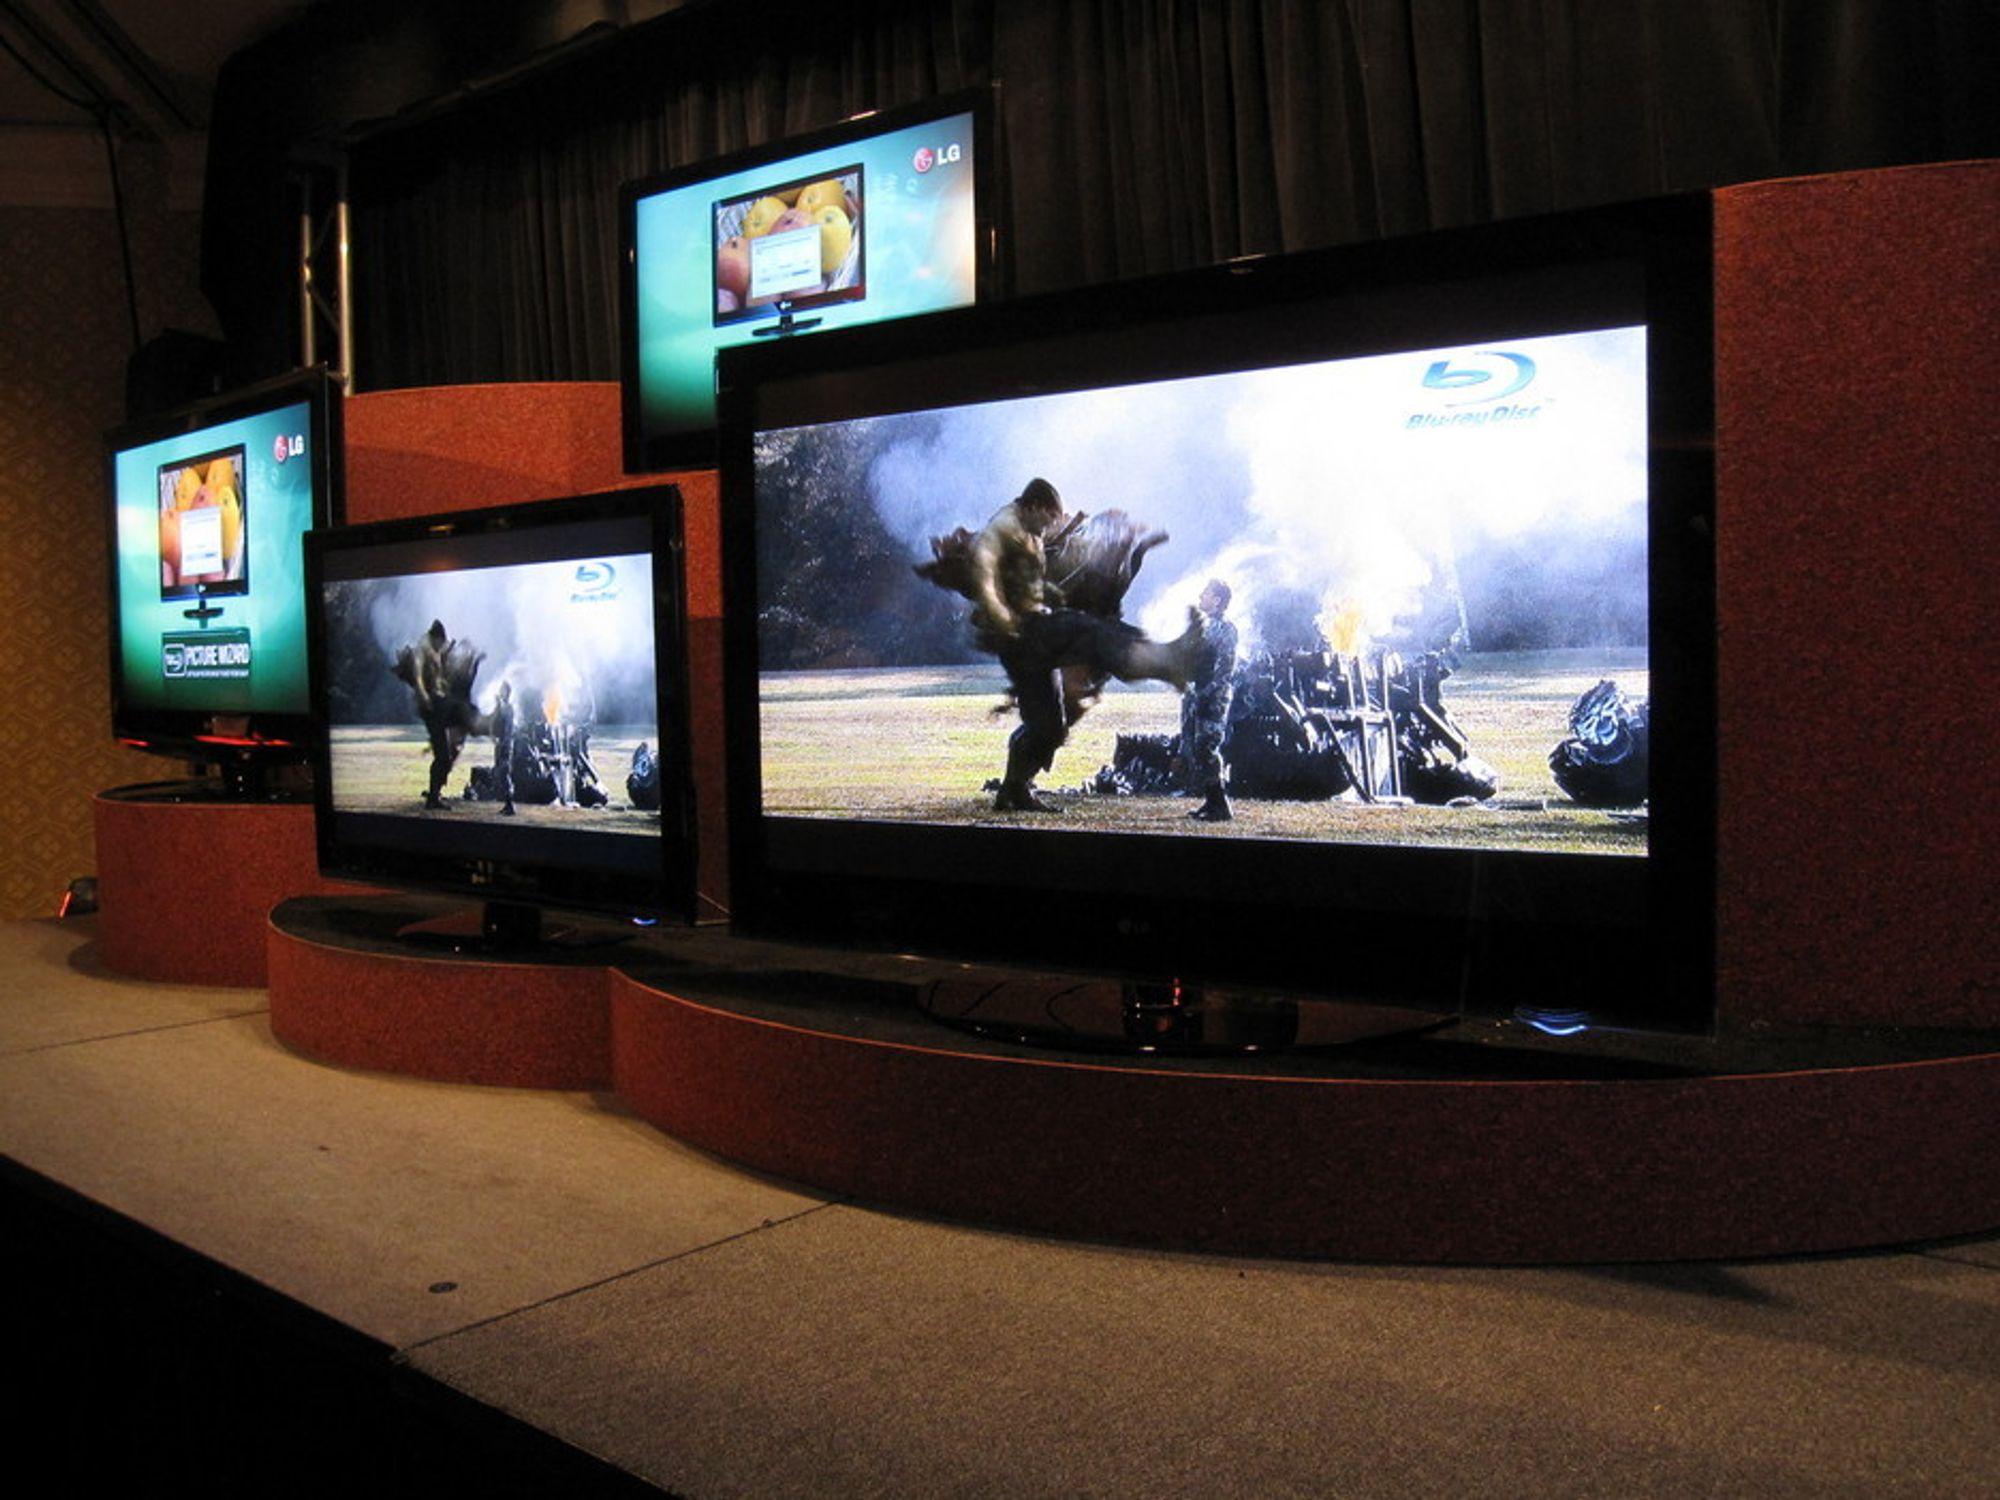 Stadig høyere krav til bilde- og lydkvalitet gjør at vi bytter ut TV-en langt oftere enn før. Det gir også store mengder potensielt farlig el-avfall.